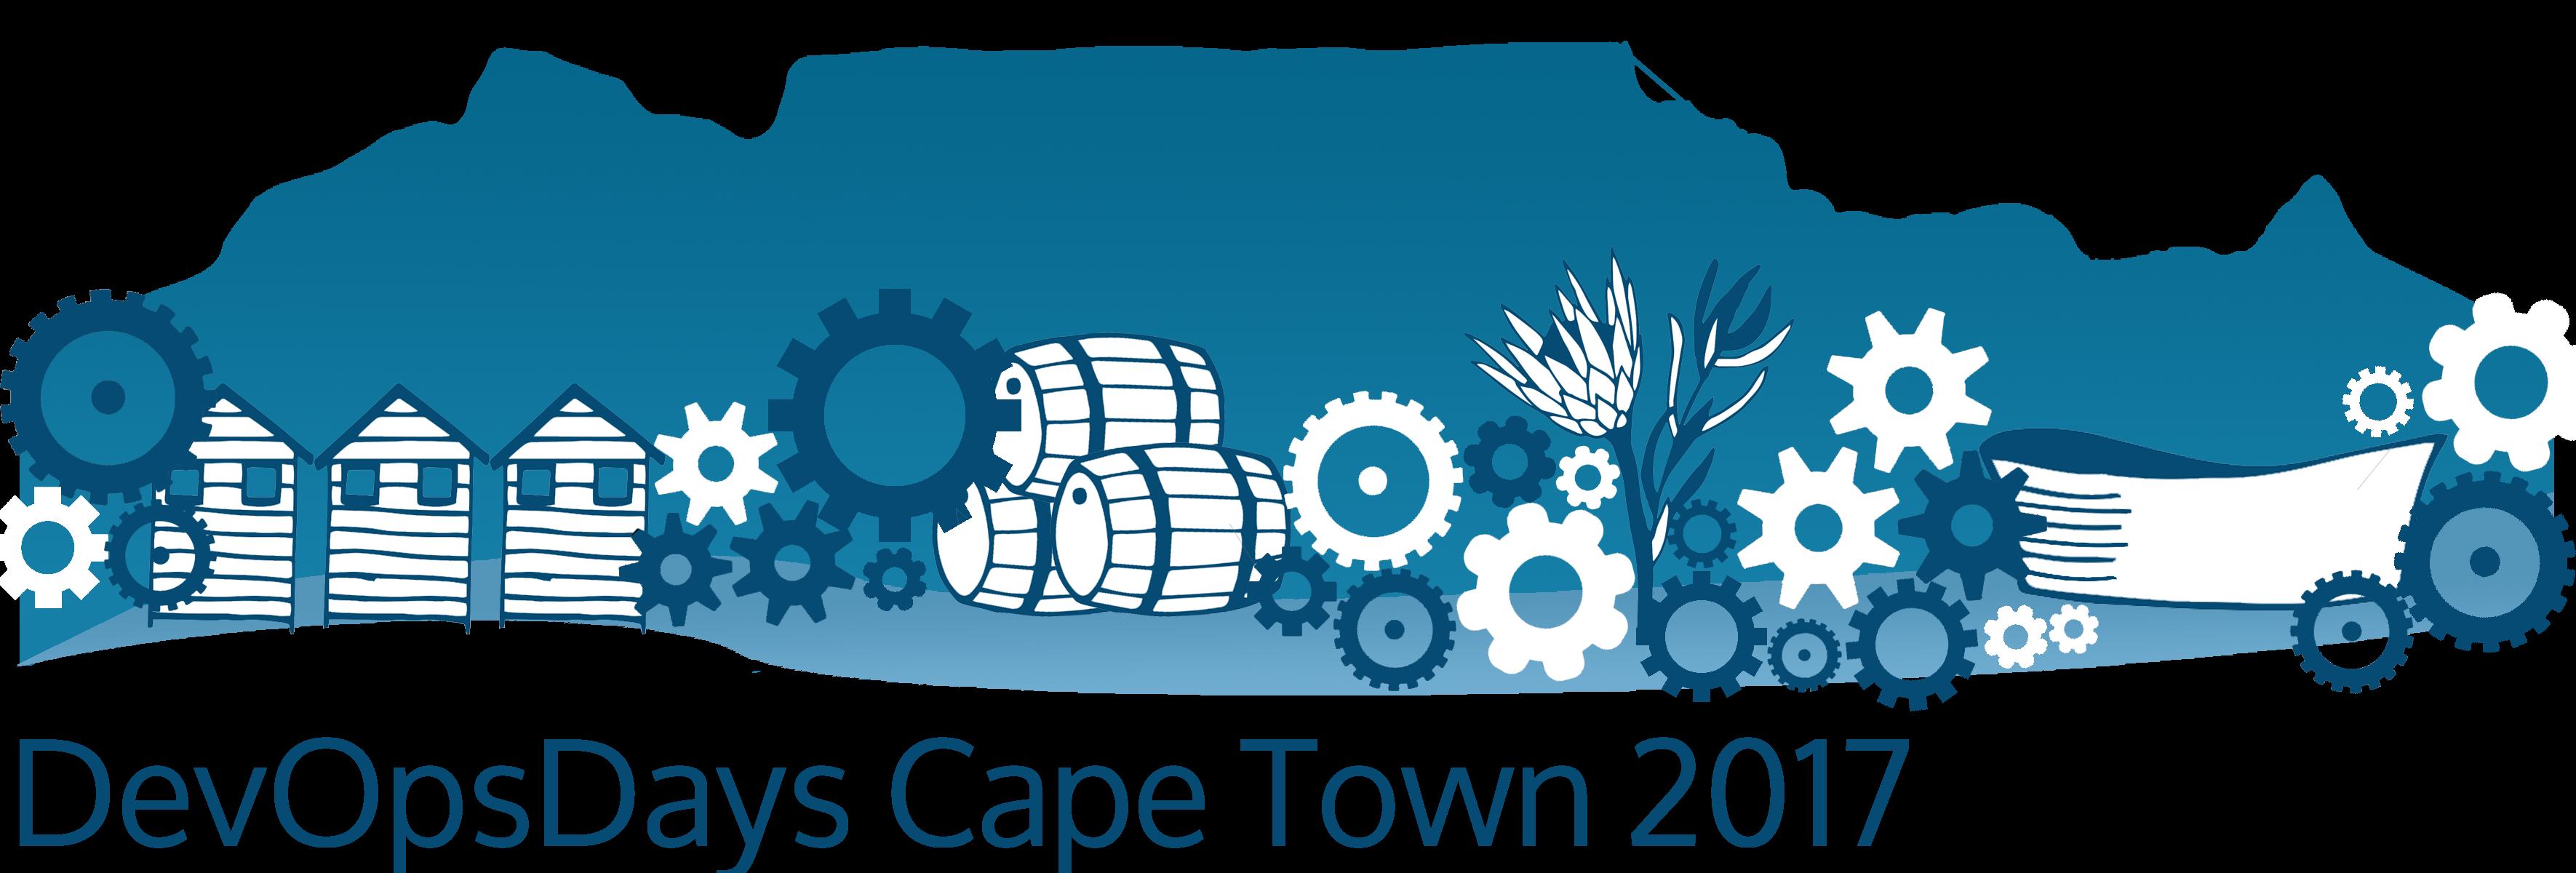 devopsdays Cape Town 2017